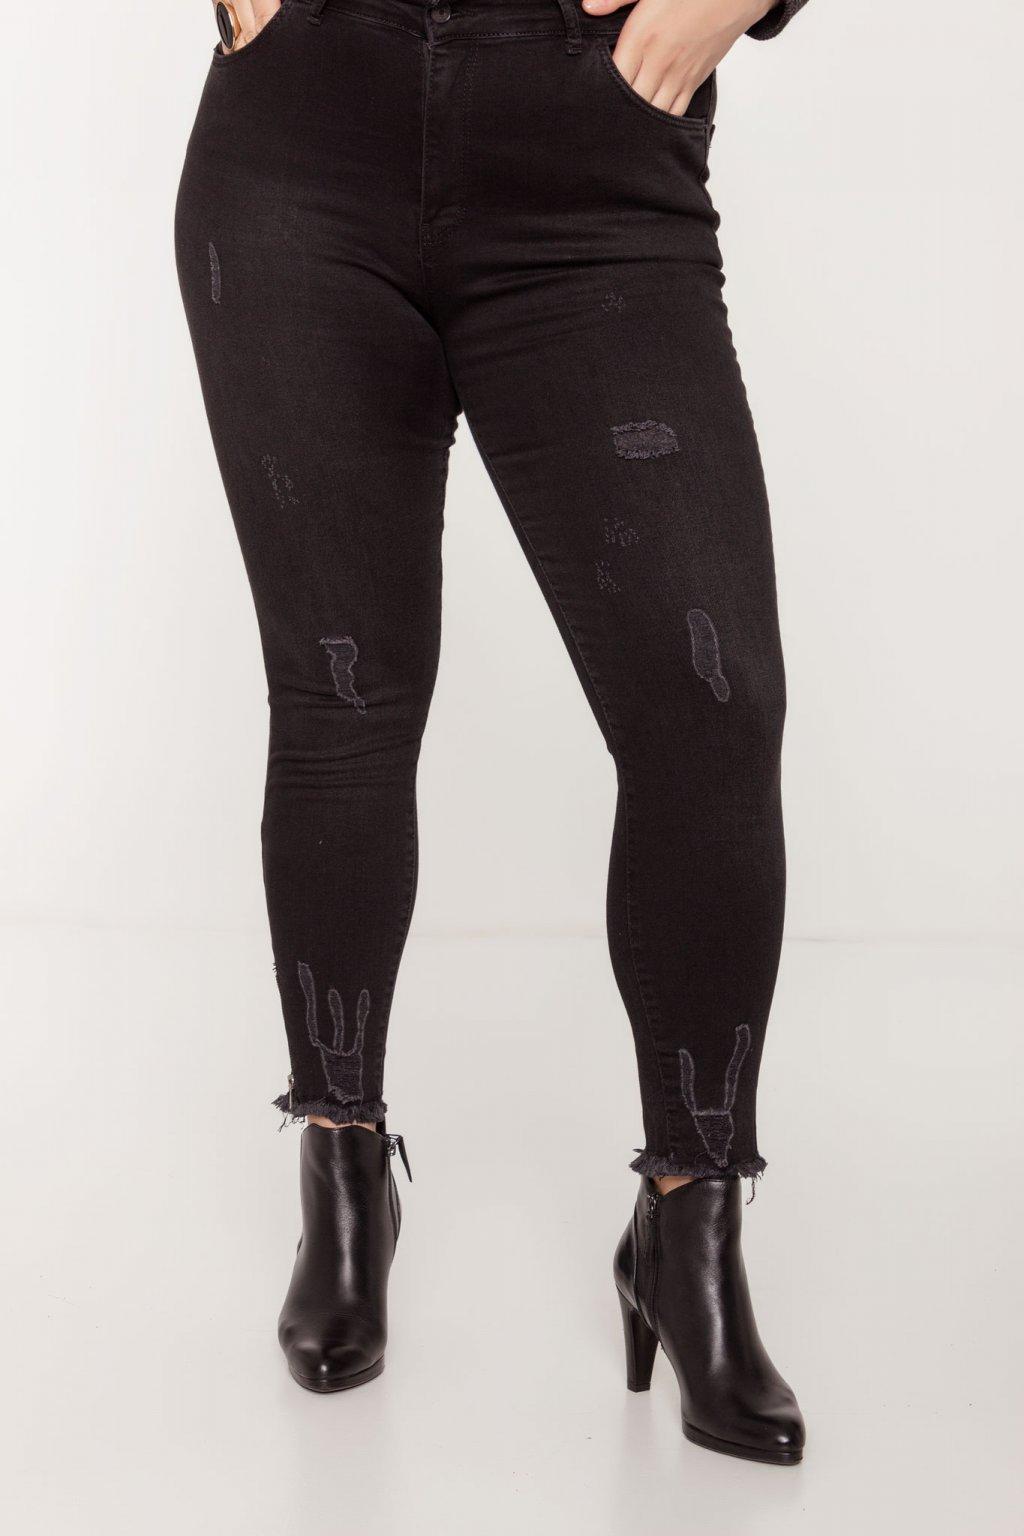 Anastázia riflové nohavice čierne